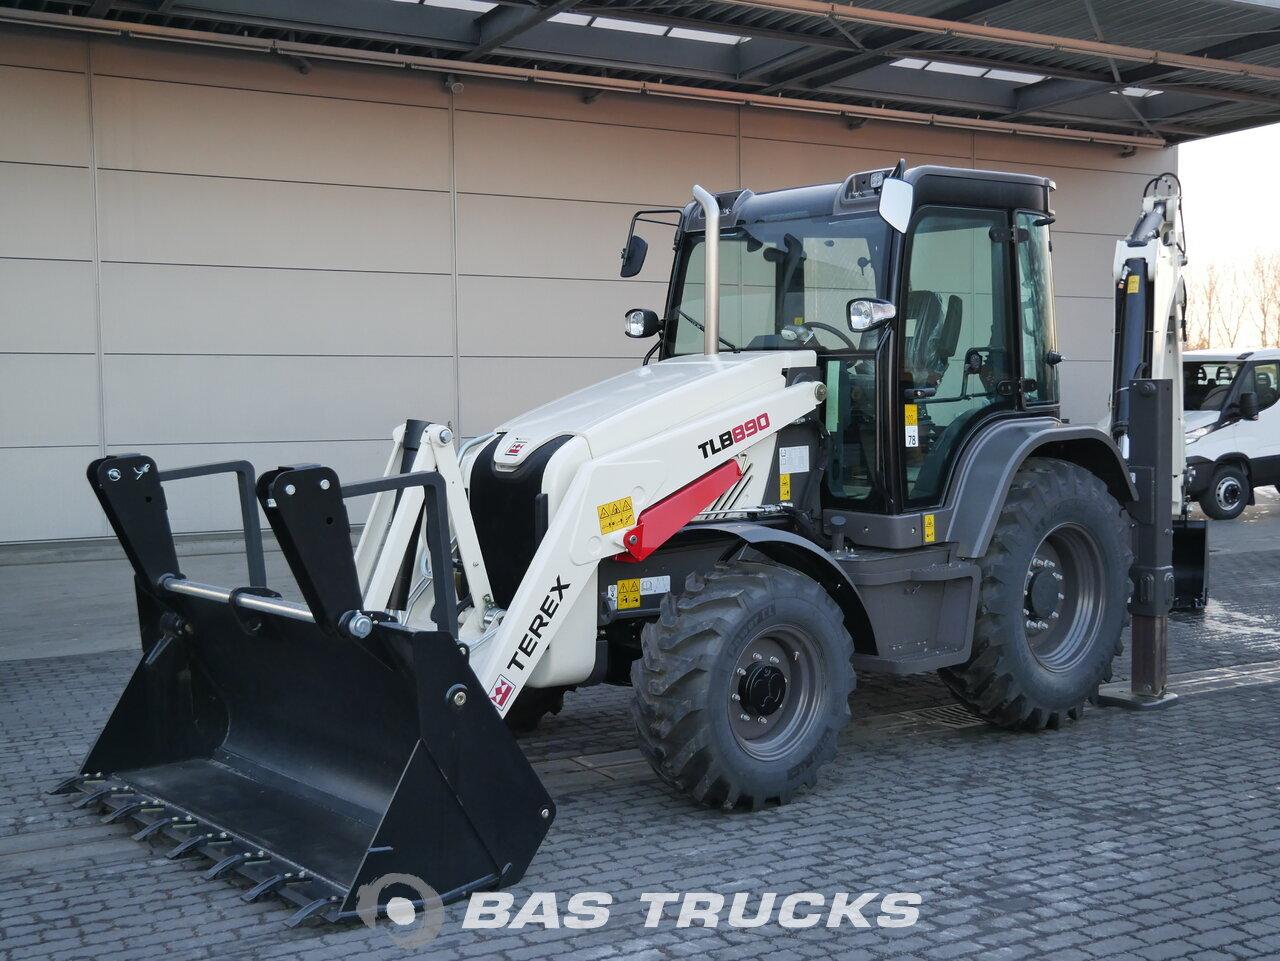 Terex TLB890PS Construction equipment €0 - BAS Trucks